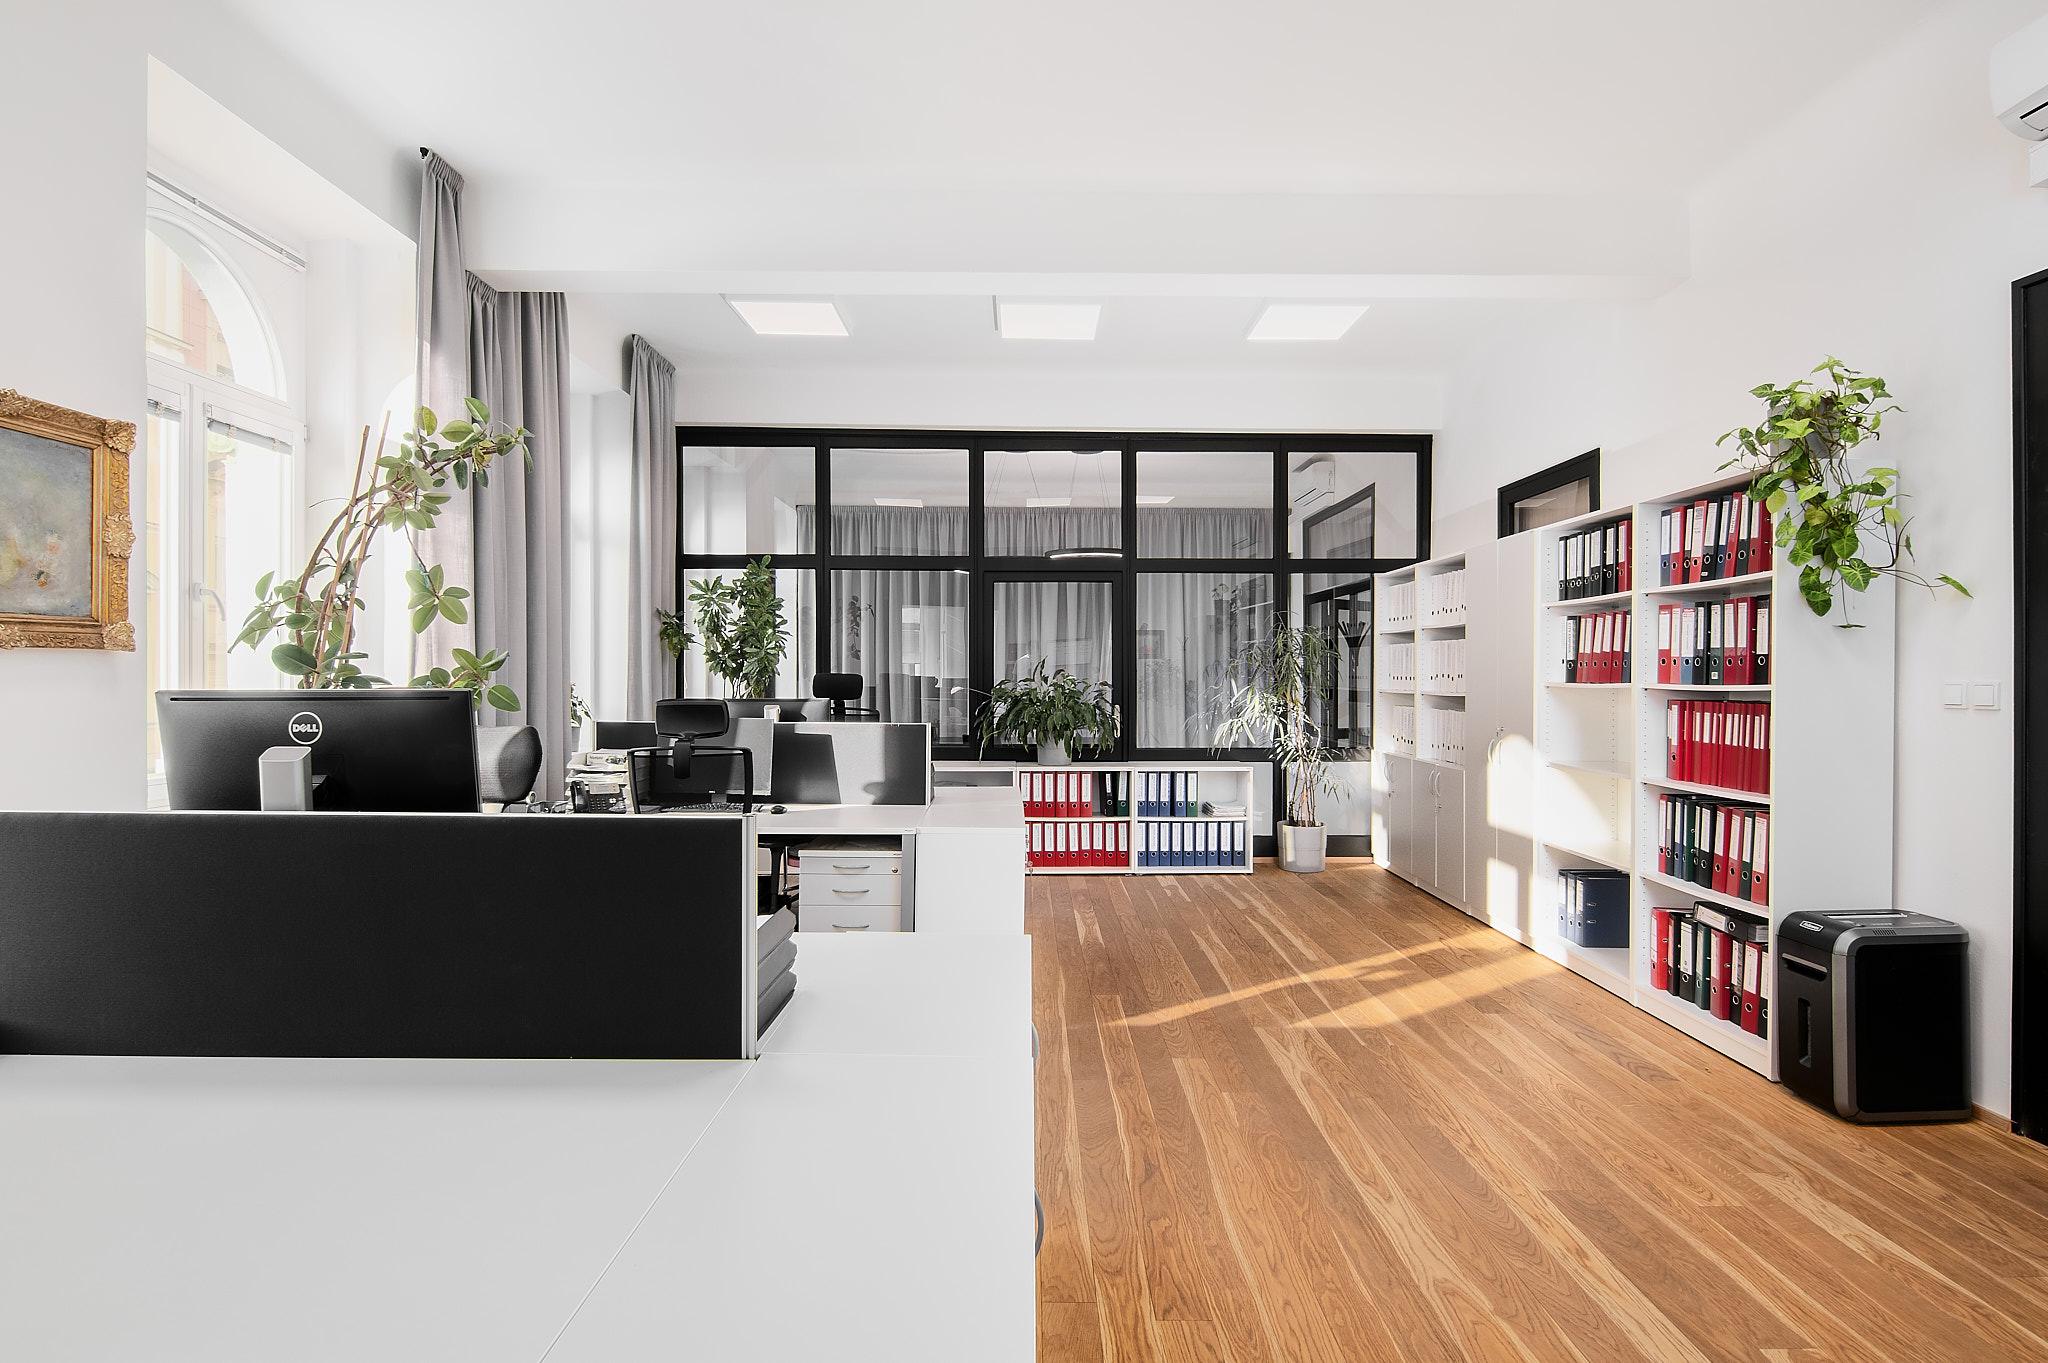 Kanceláře se konečně otevírají, znamená to konec home office?